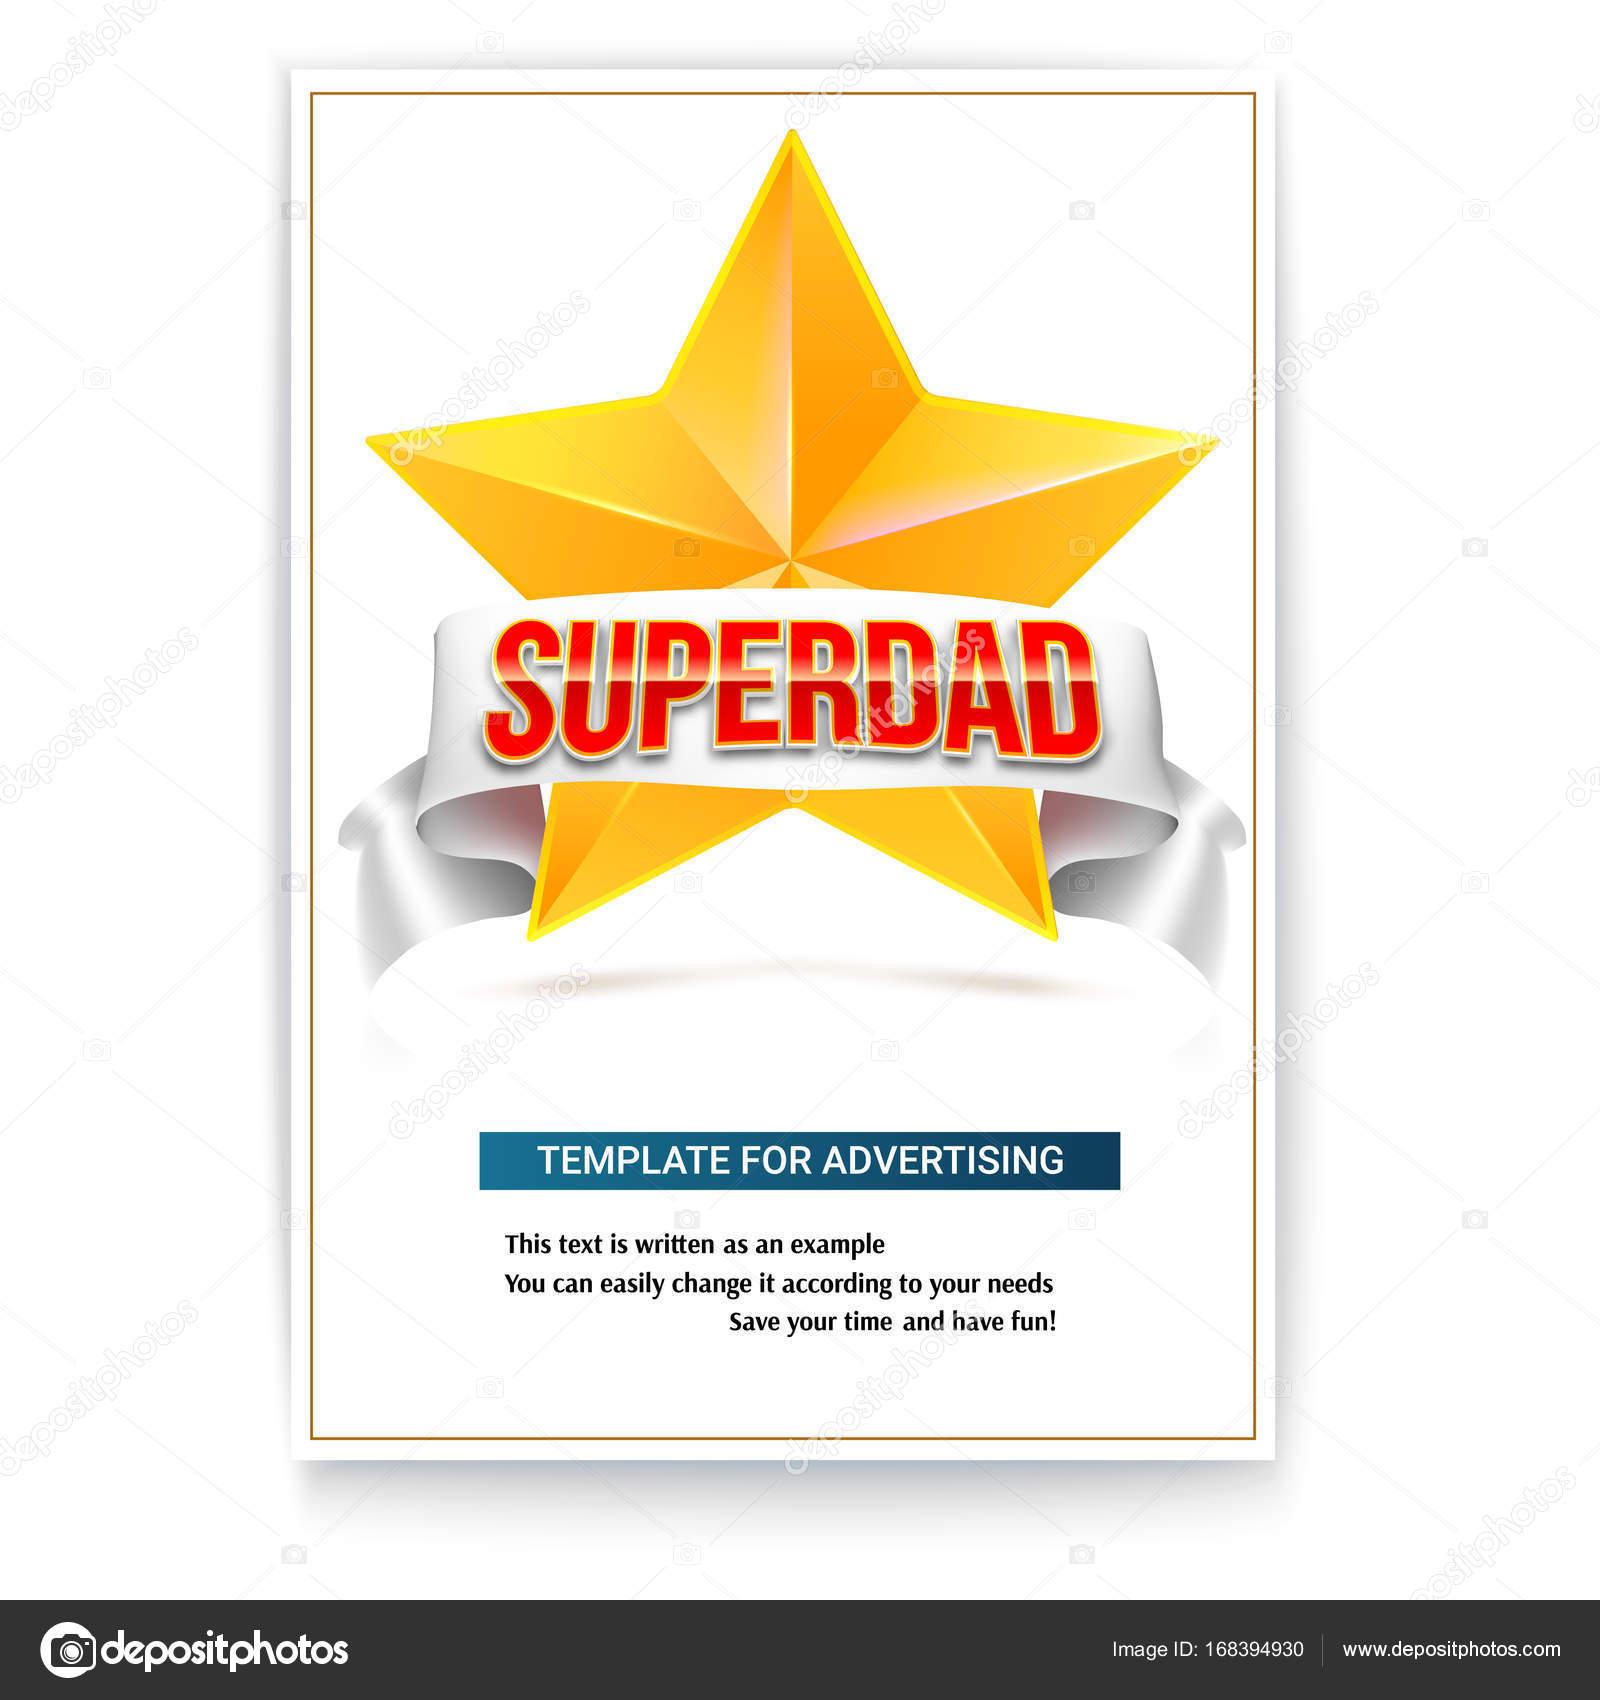 Plakat-Vorlage, s Vatertag zu feiern. Broschüre mit gelben Metall ...